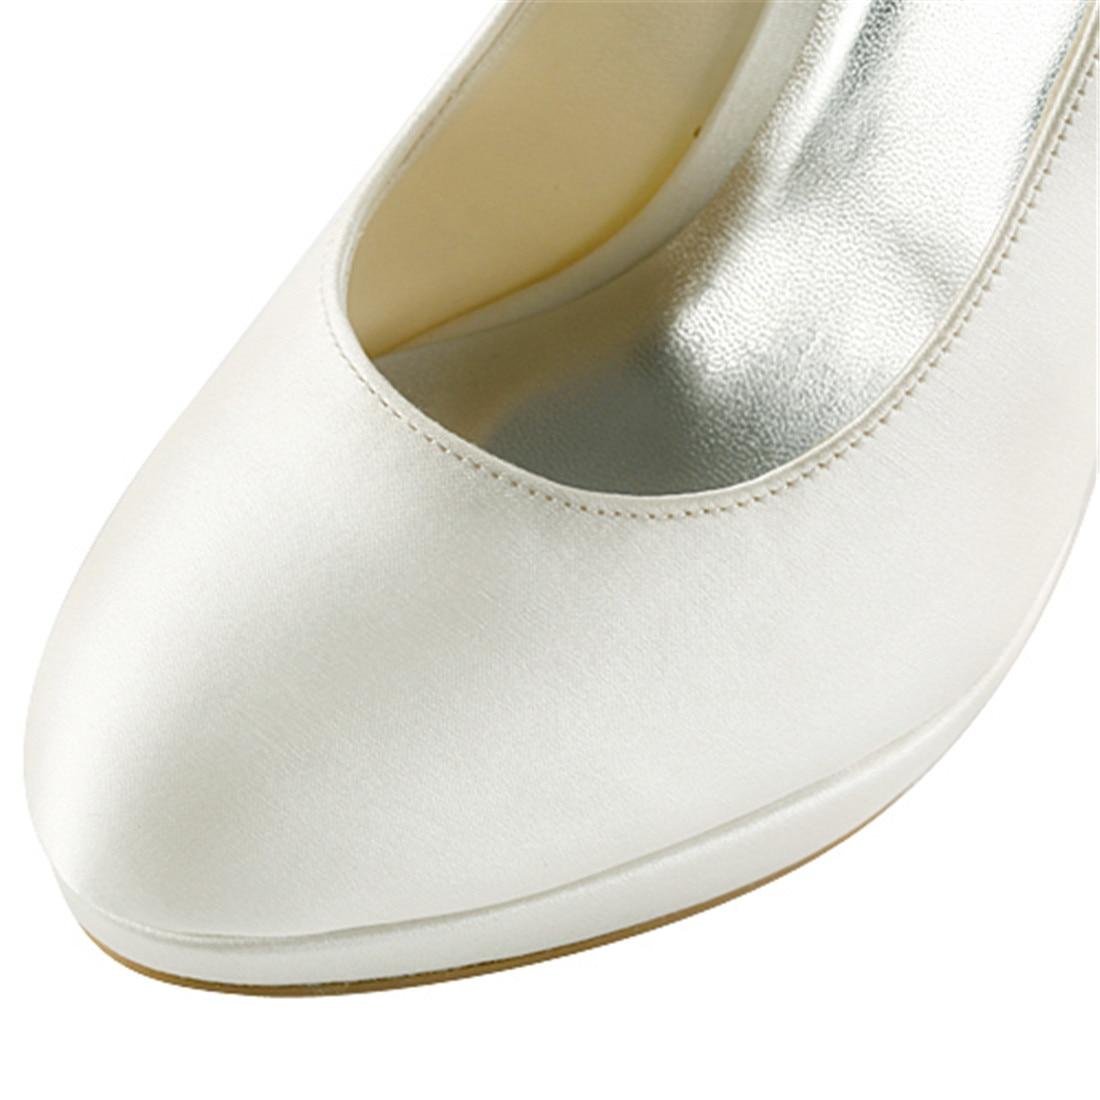 Élégant mince talons hauts mariée demoiselle d'honneur ivoire blanc Champagne plate forme pompes luxe Satin mariage chaussures Uninnova 521 1 LY - 5